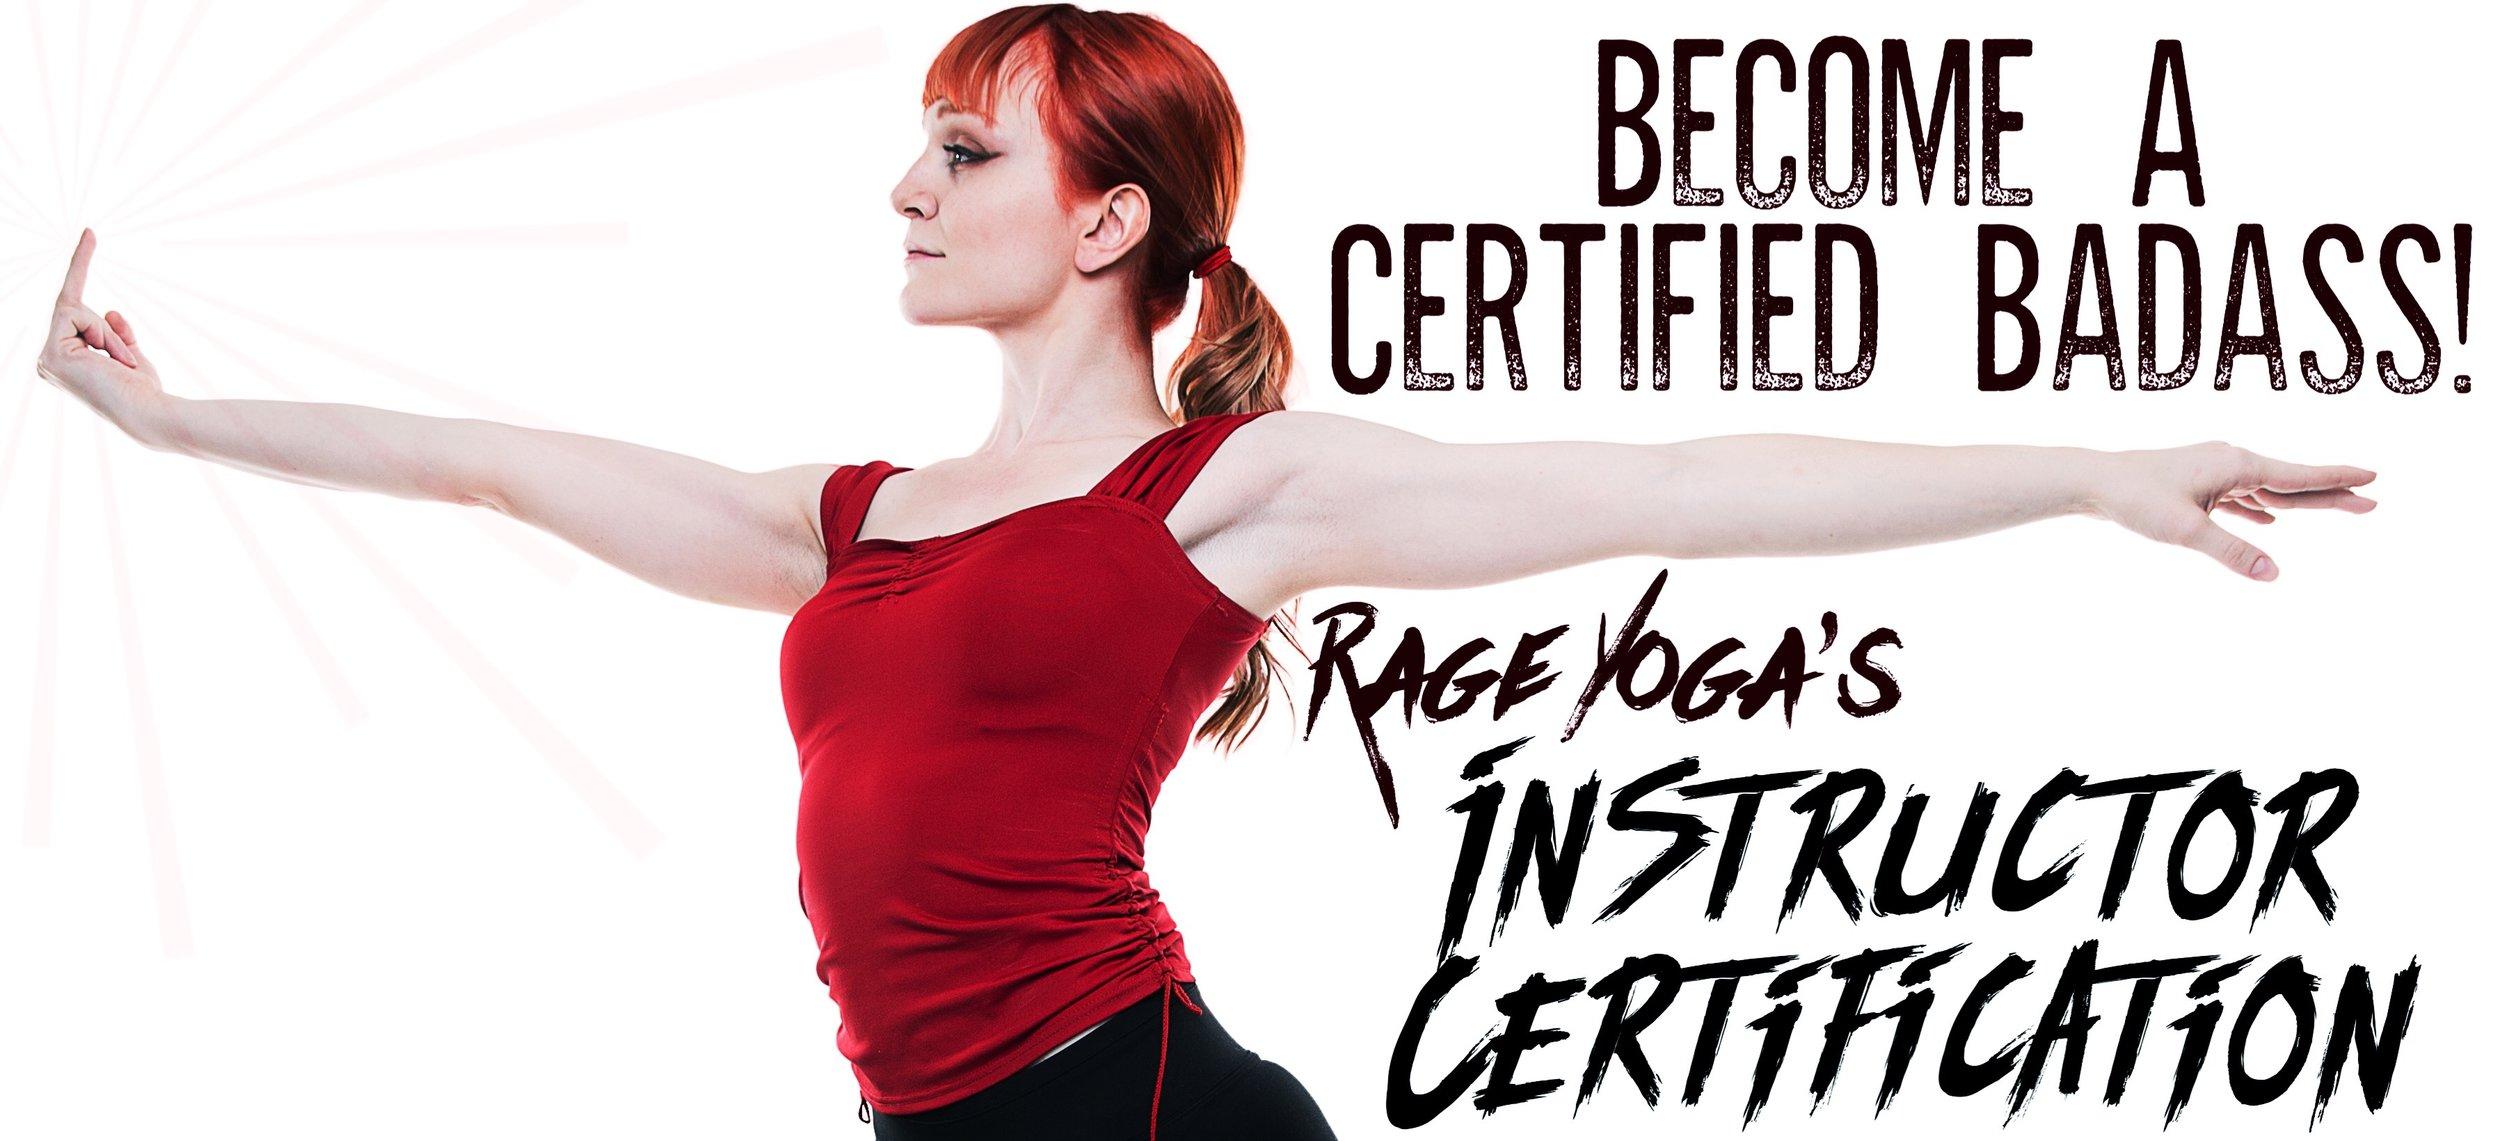 Certified Badass.jpg